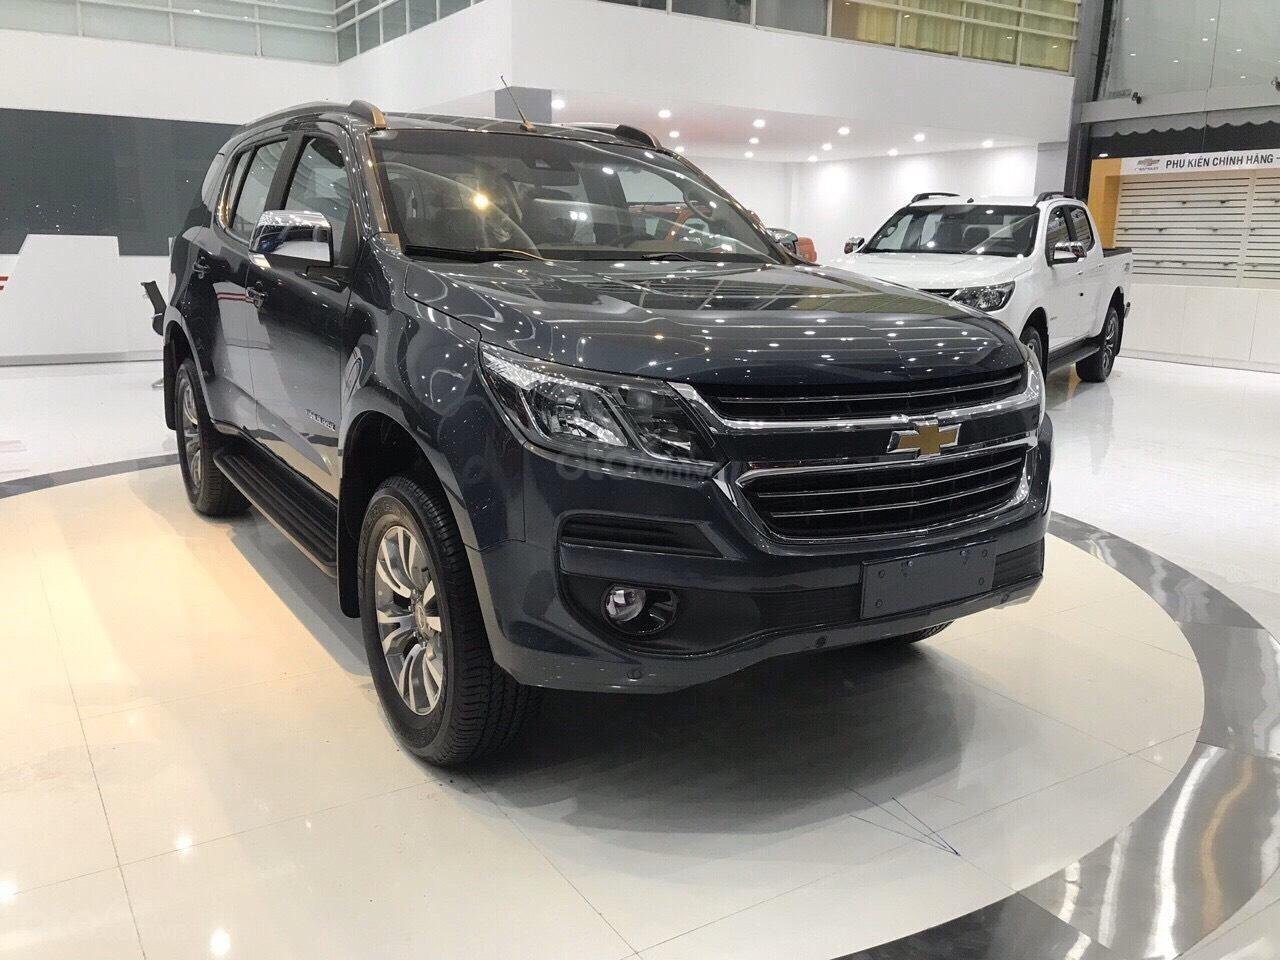 Giảm gần 400 triệu đồng, Chevrolet Trailblazer có đáng để mua?